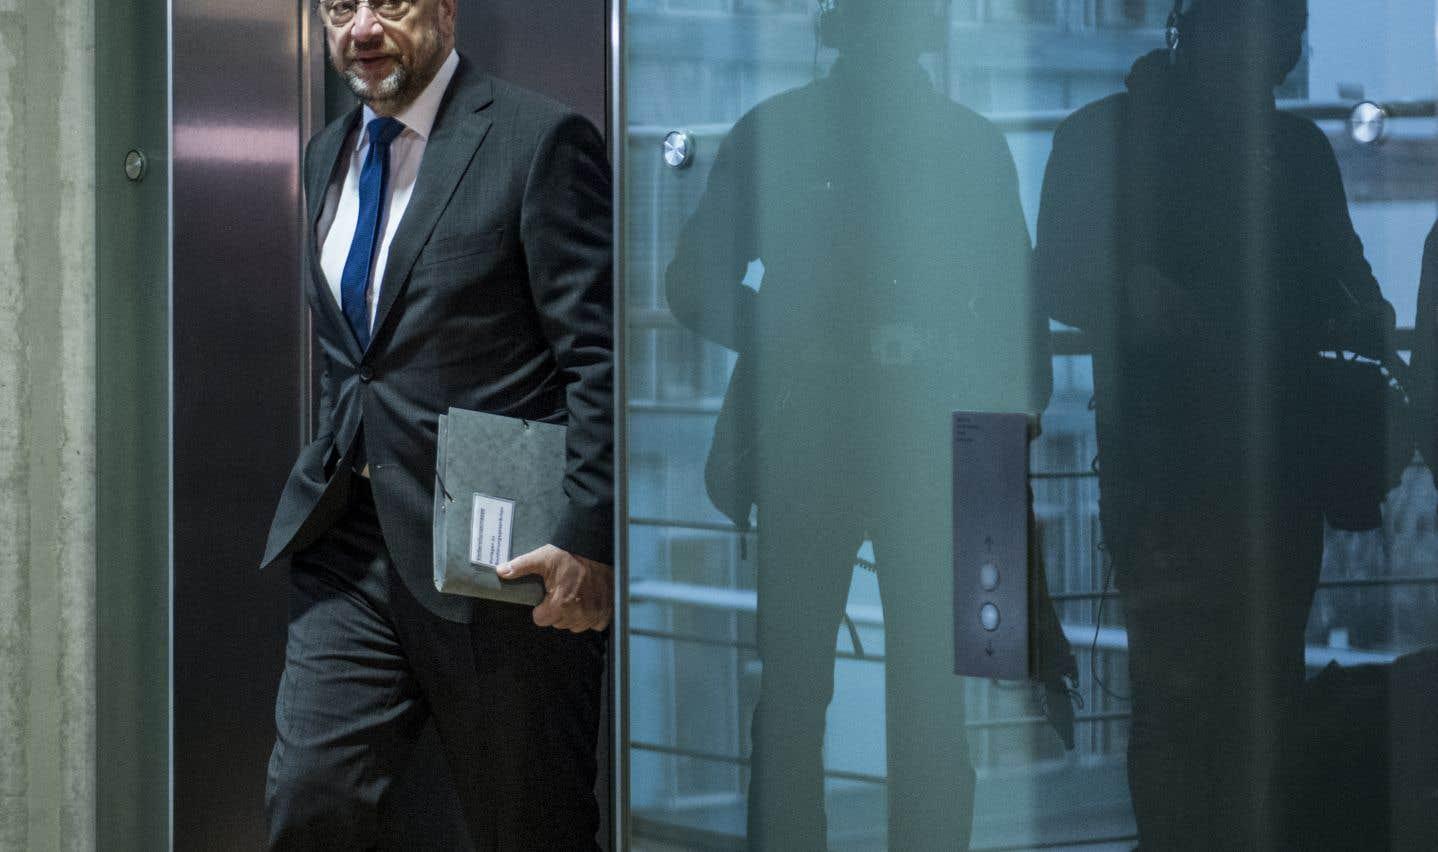 La chute aura été brutale pour l'ancien président du Parlement européen,Martin Schulz.